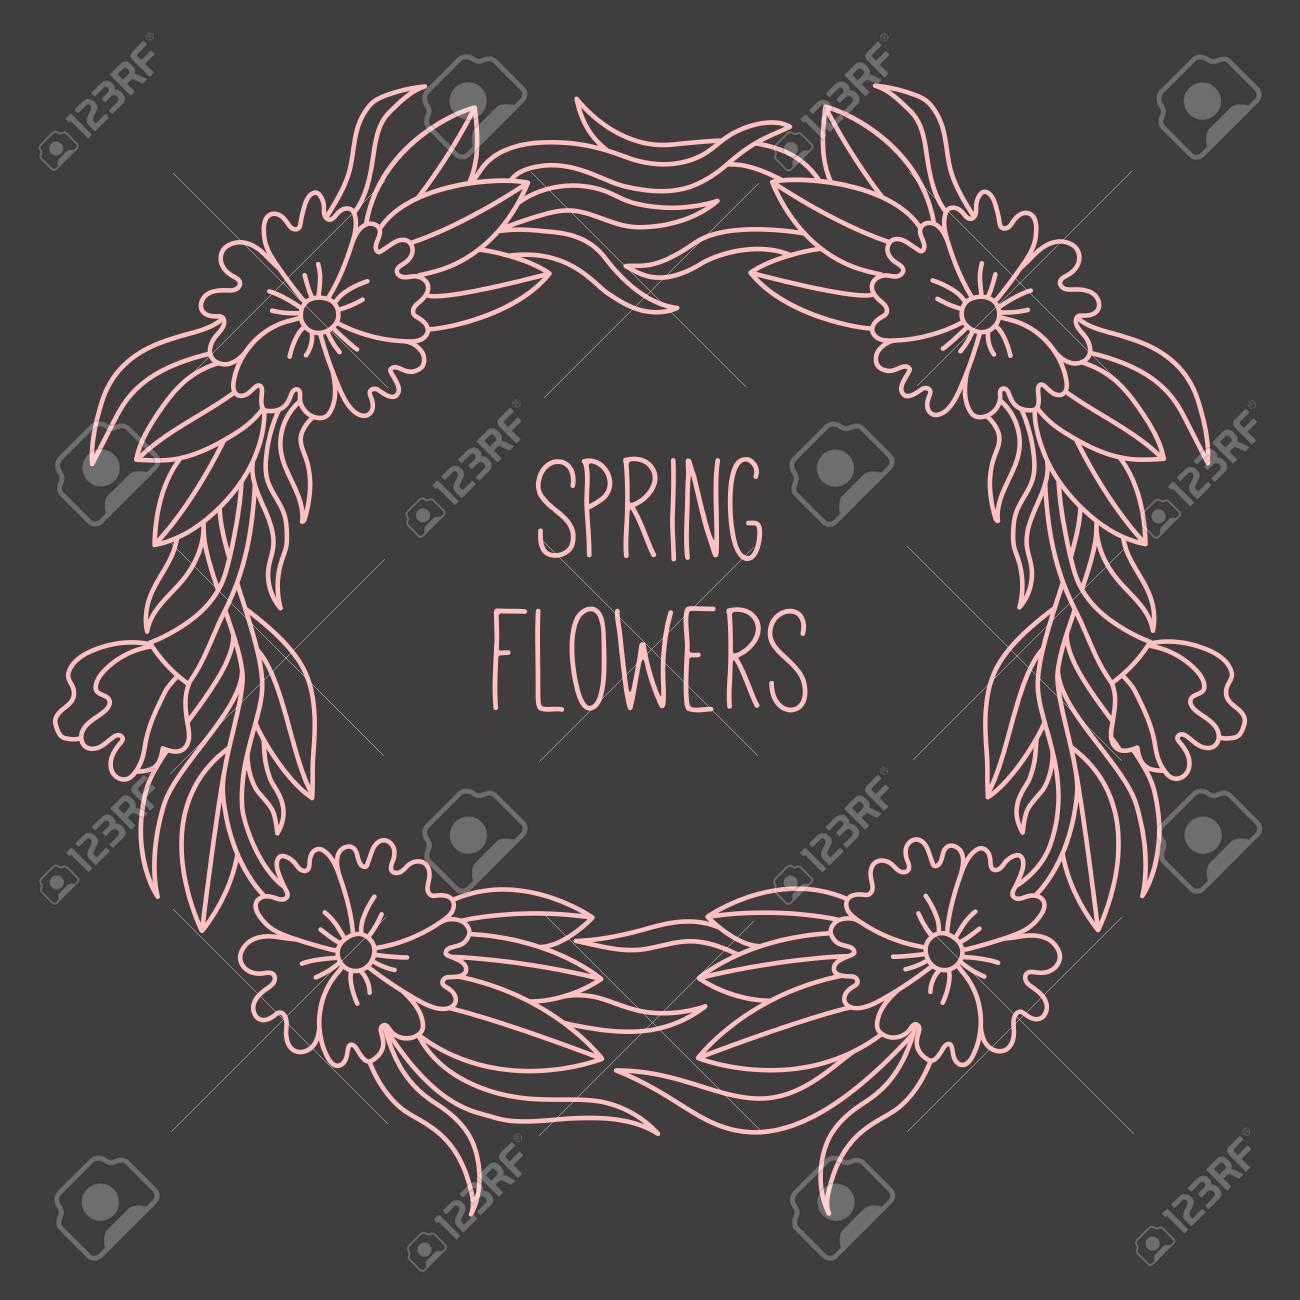 Flower Floral Line Doodle Vector Frame Decorative Border Template ...